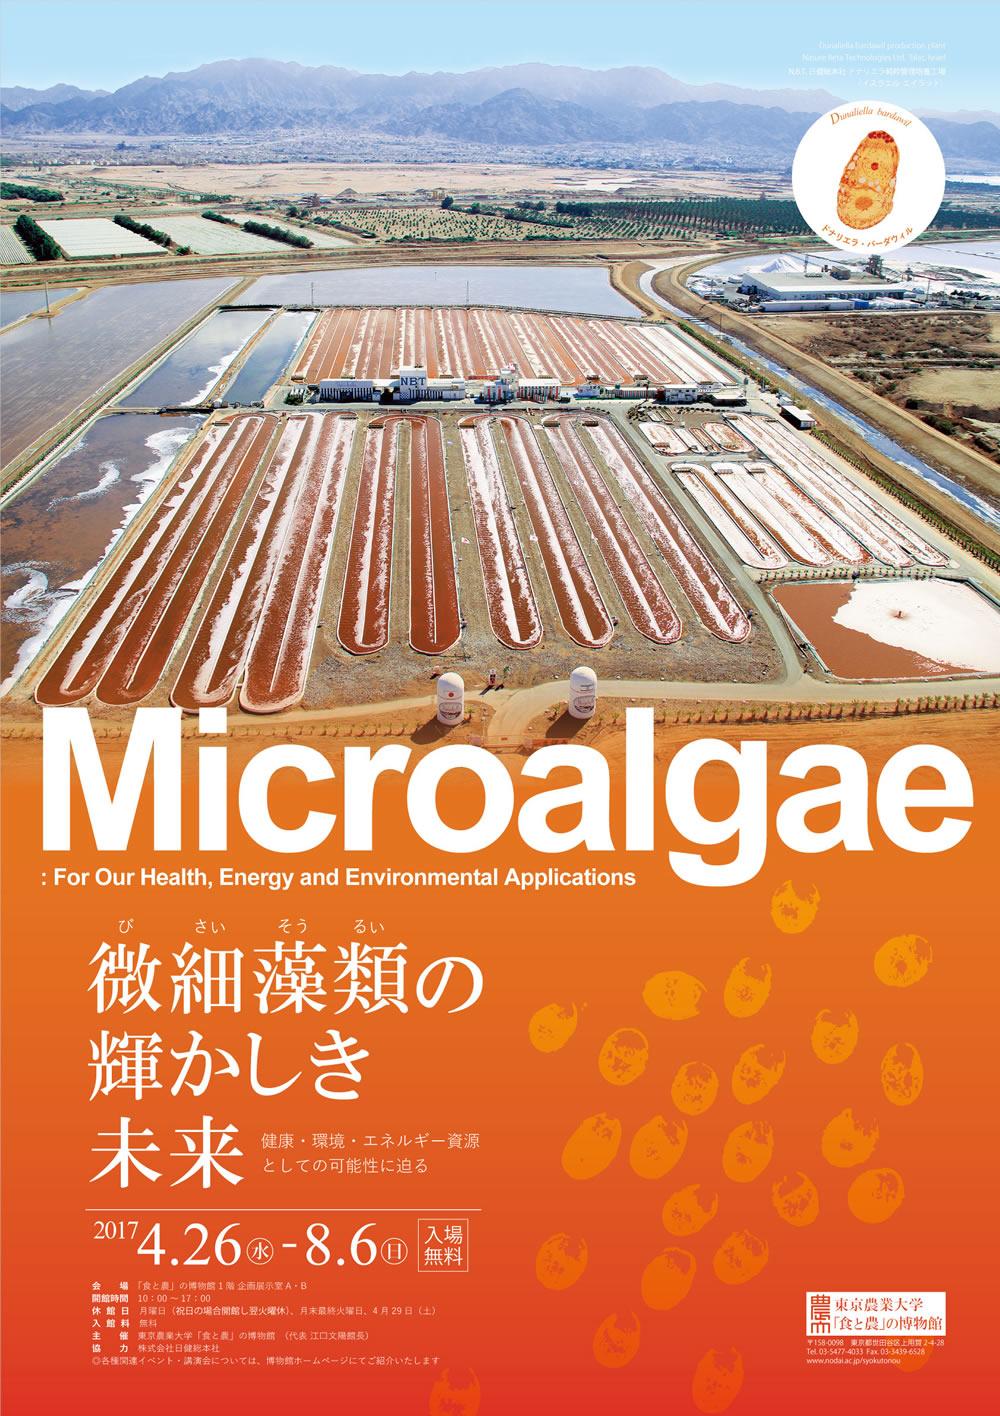 「微細藻類(びさいそうるい)の輝かしき未来」 -- 東京農大「食と農」の博物館 特別展示開催